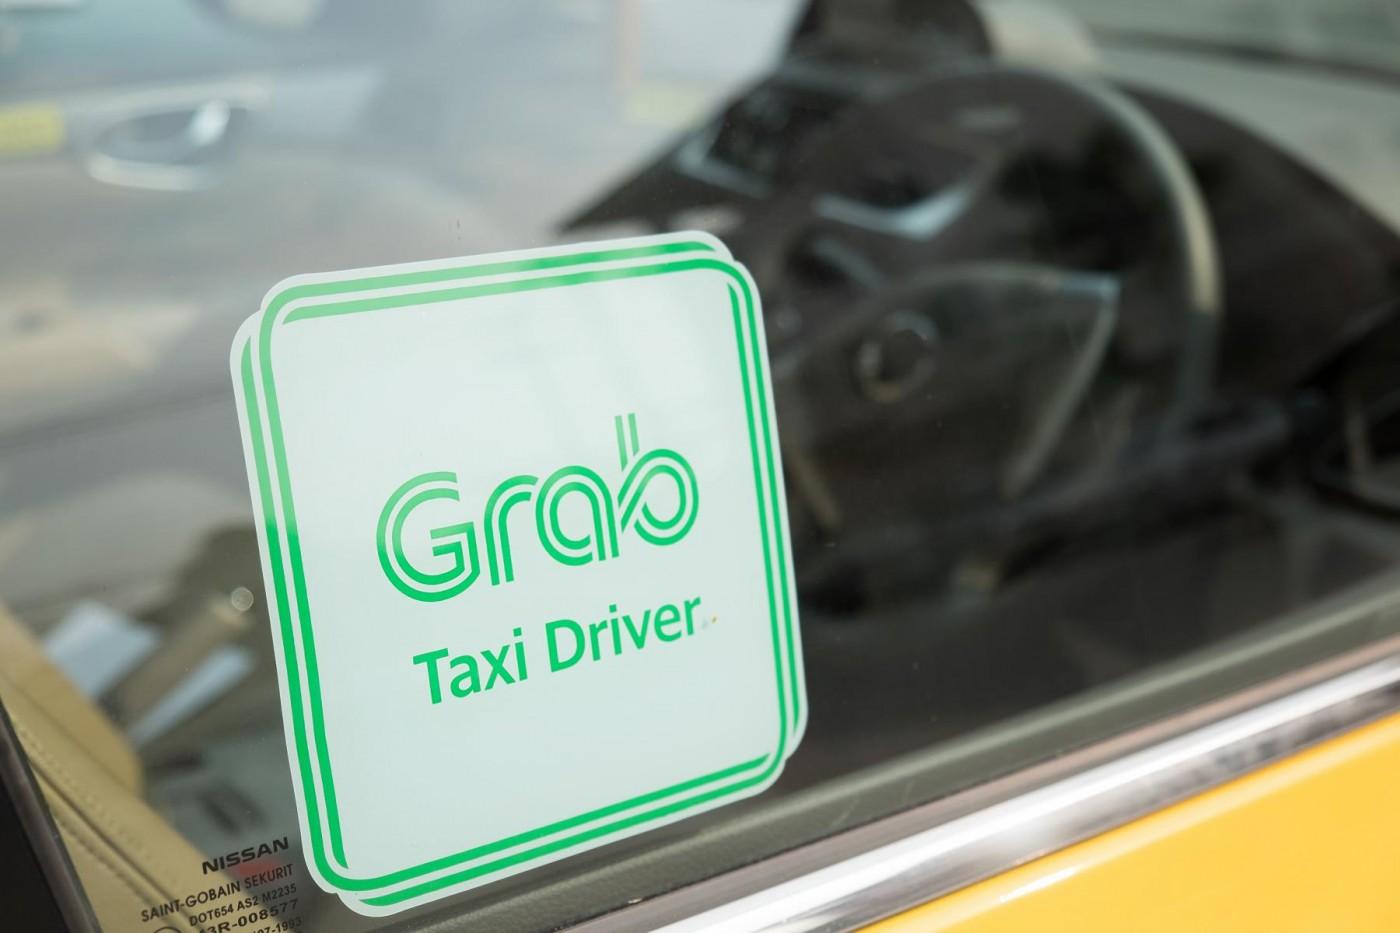 放棄競逐東南亞市場?傳Uber將區域市場事業賣給本土服務Grab